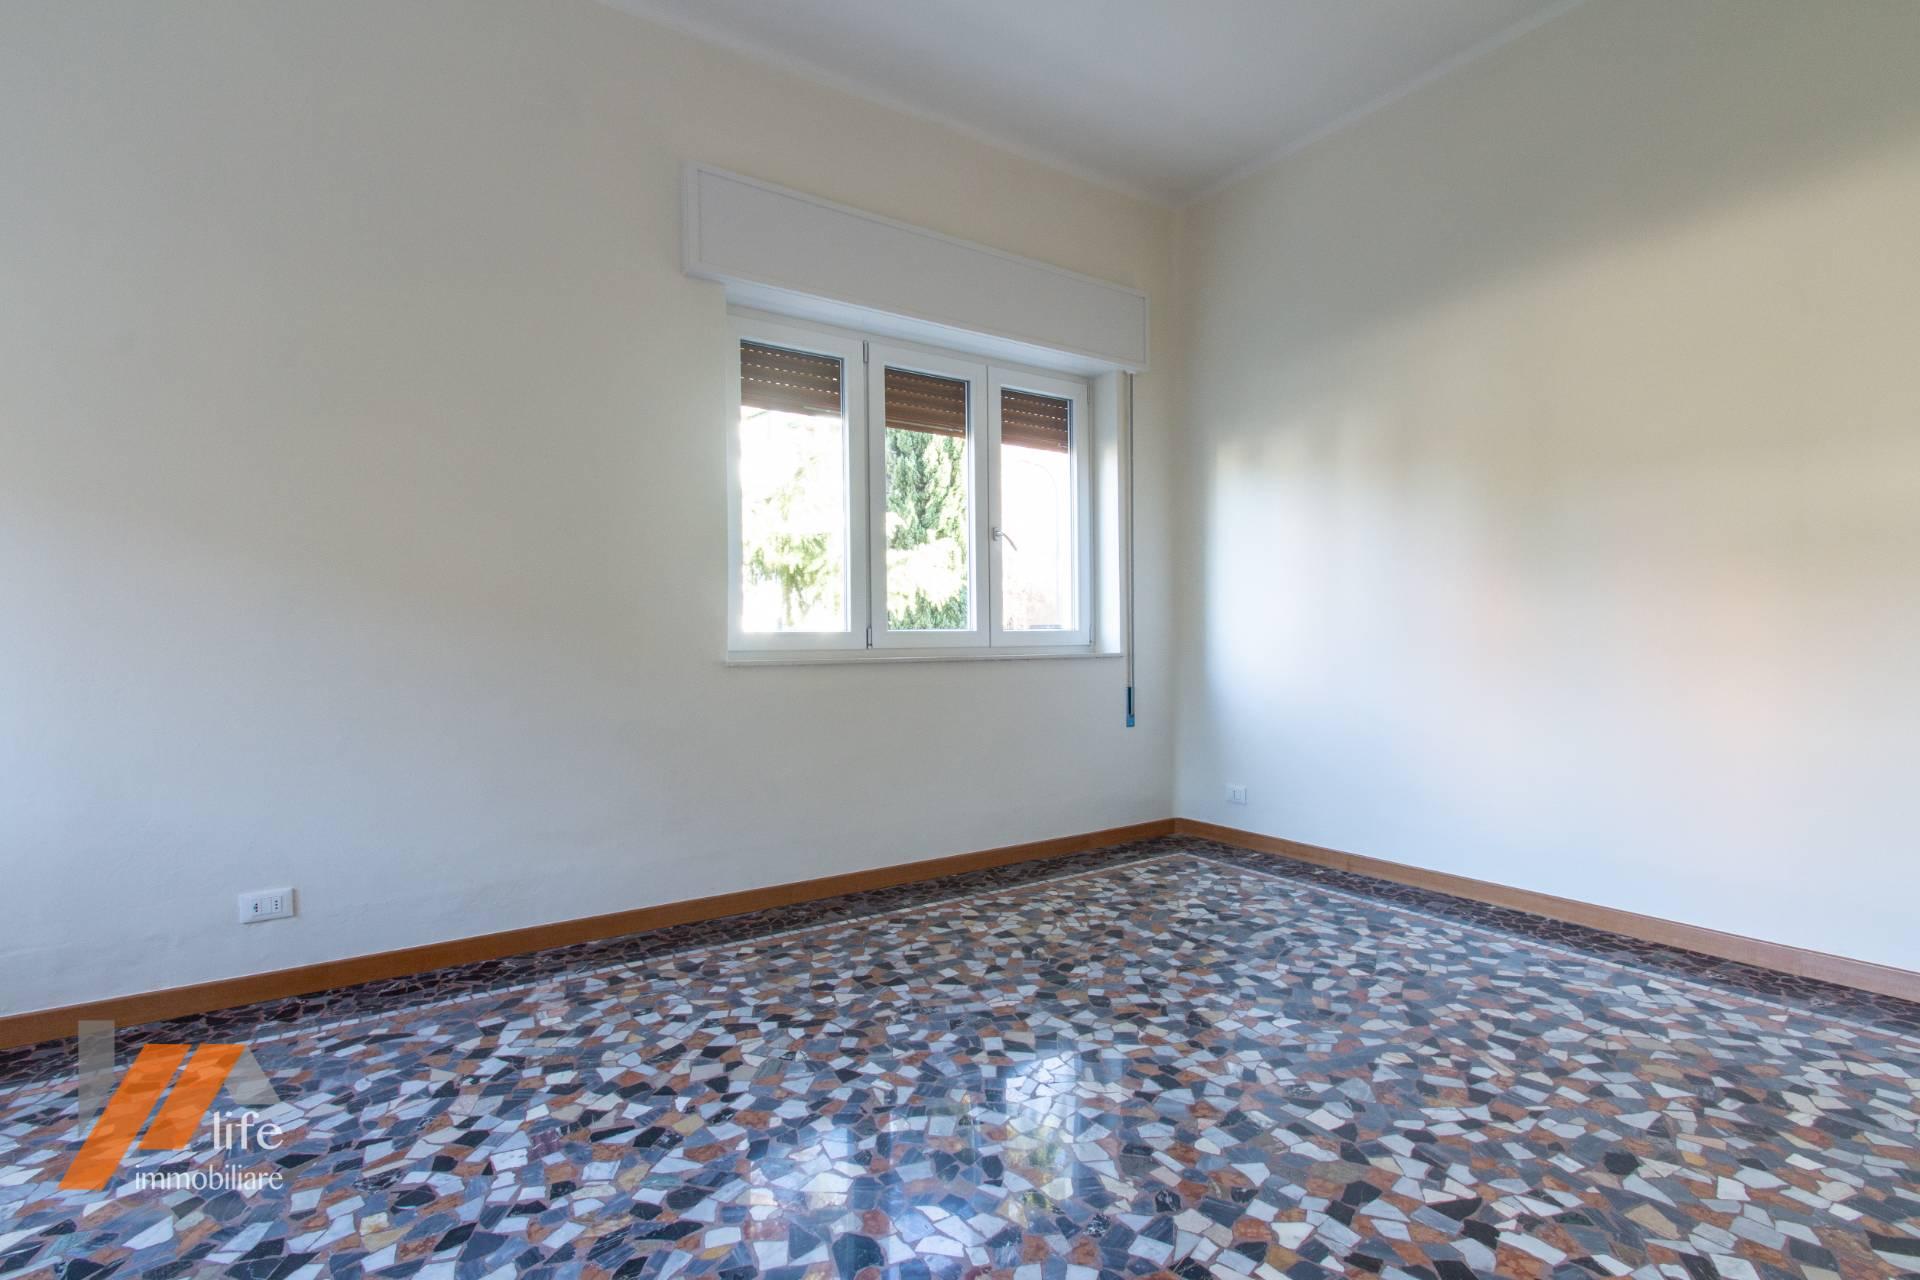 Appartamento VICENZA affitto  S.Andrea- Laghetto  LIFE immobiliare